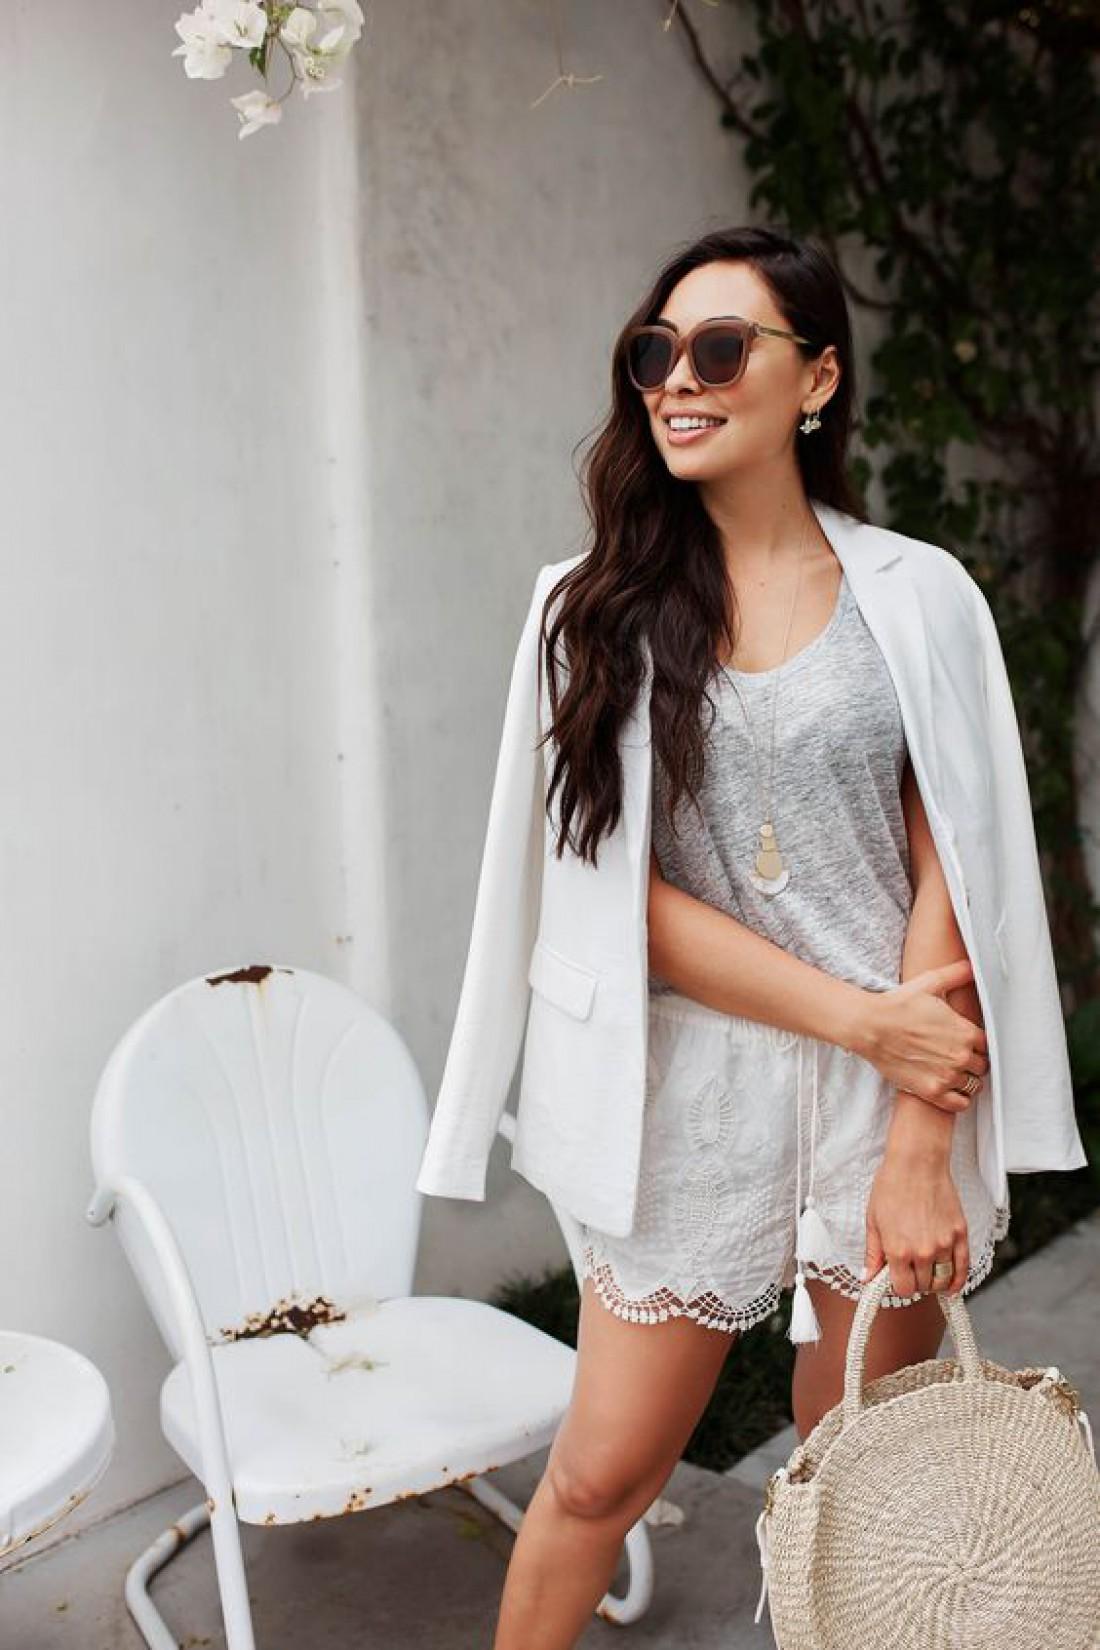 Модные женские шорты на лето 2019: ТОП-5 лучших моделей